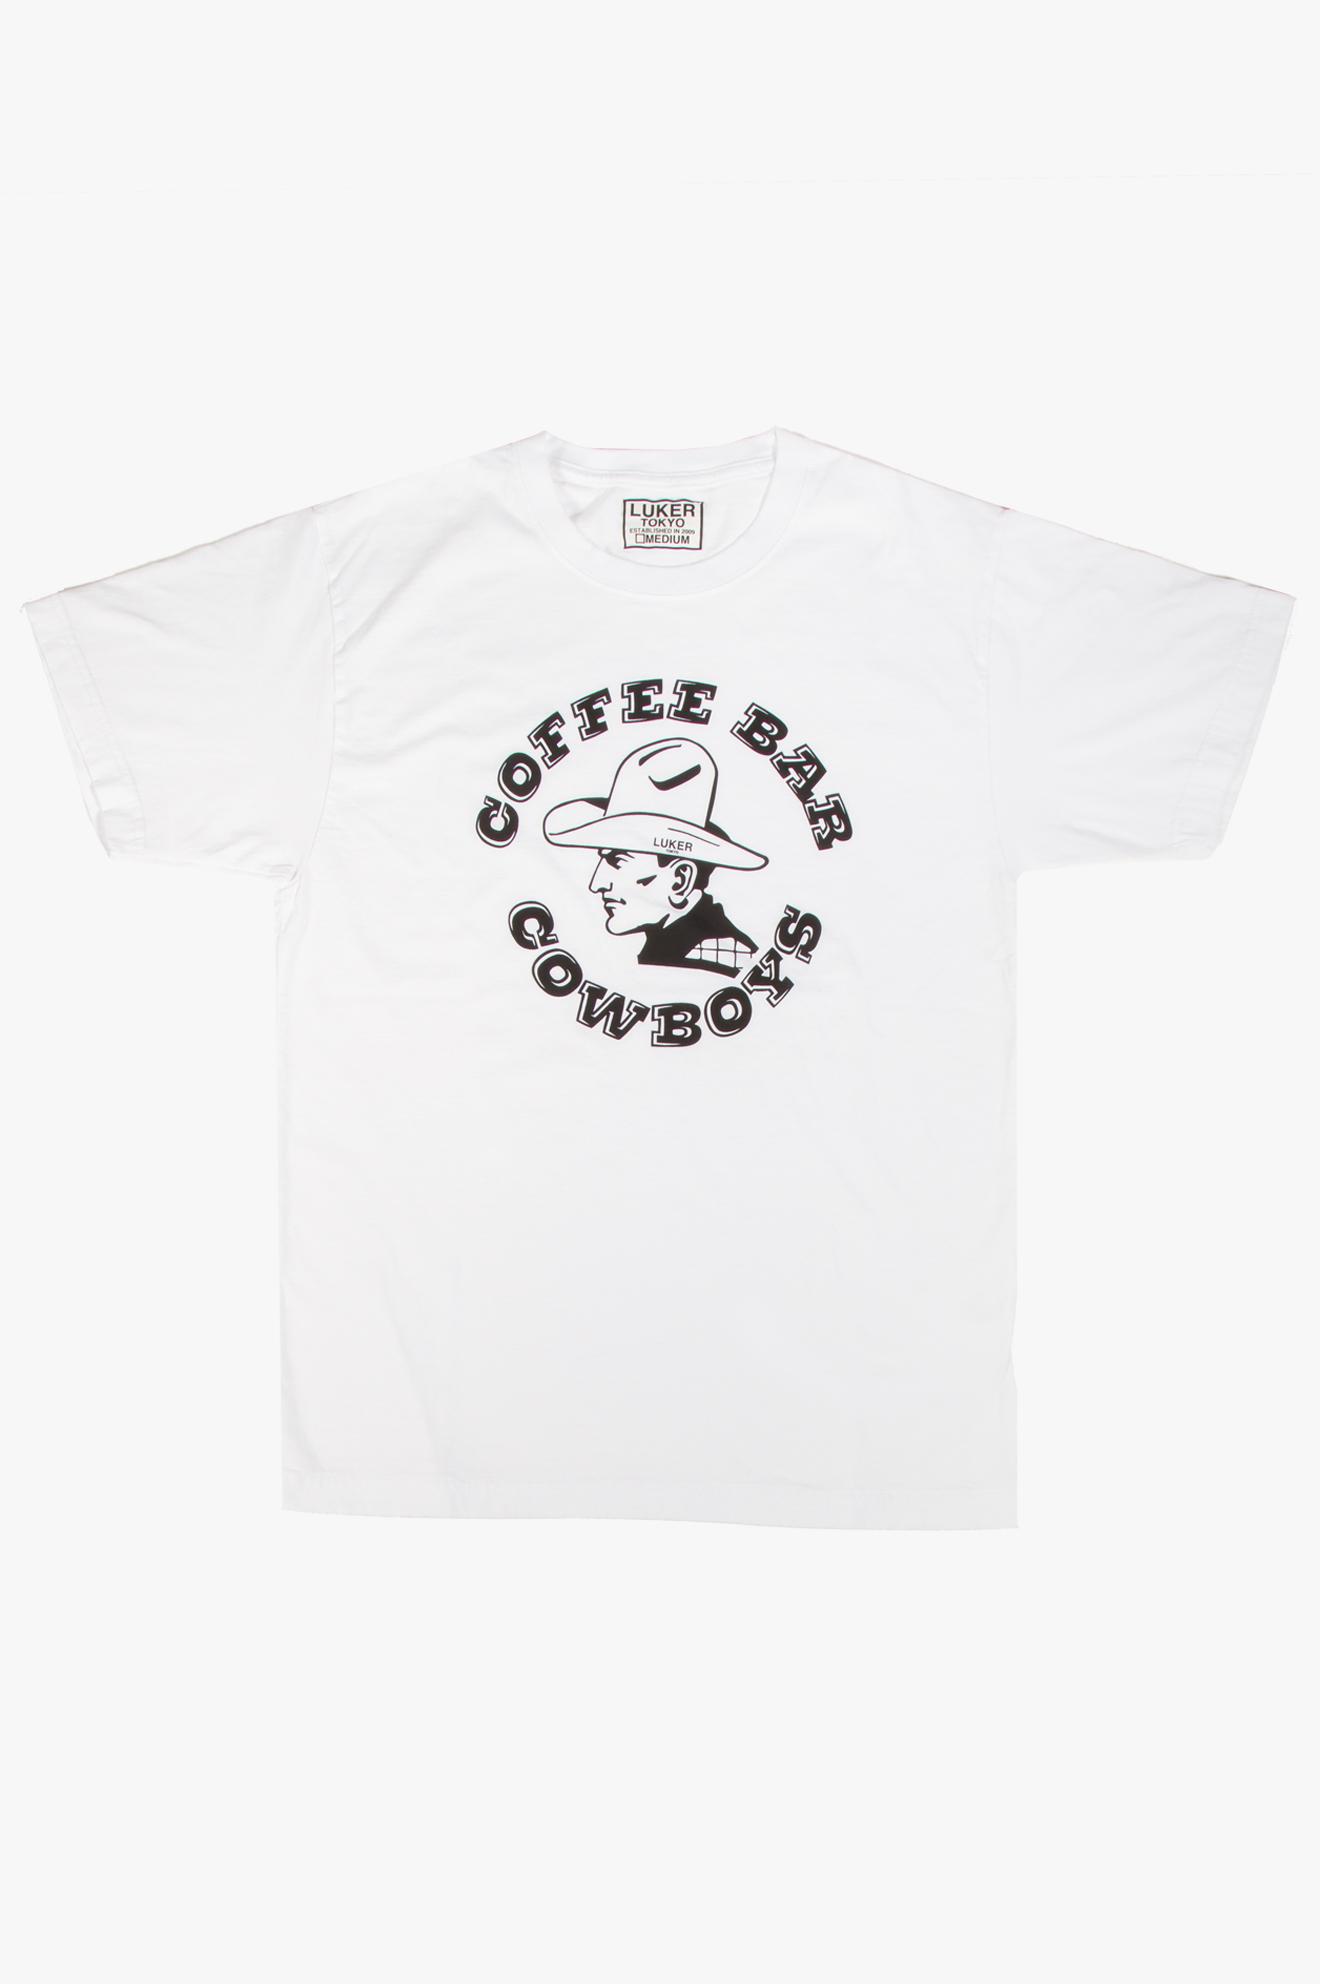 C.B.C. T-Shirt White